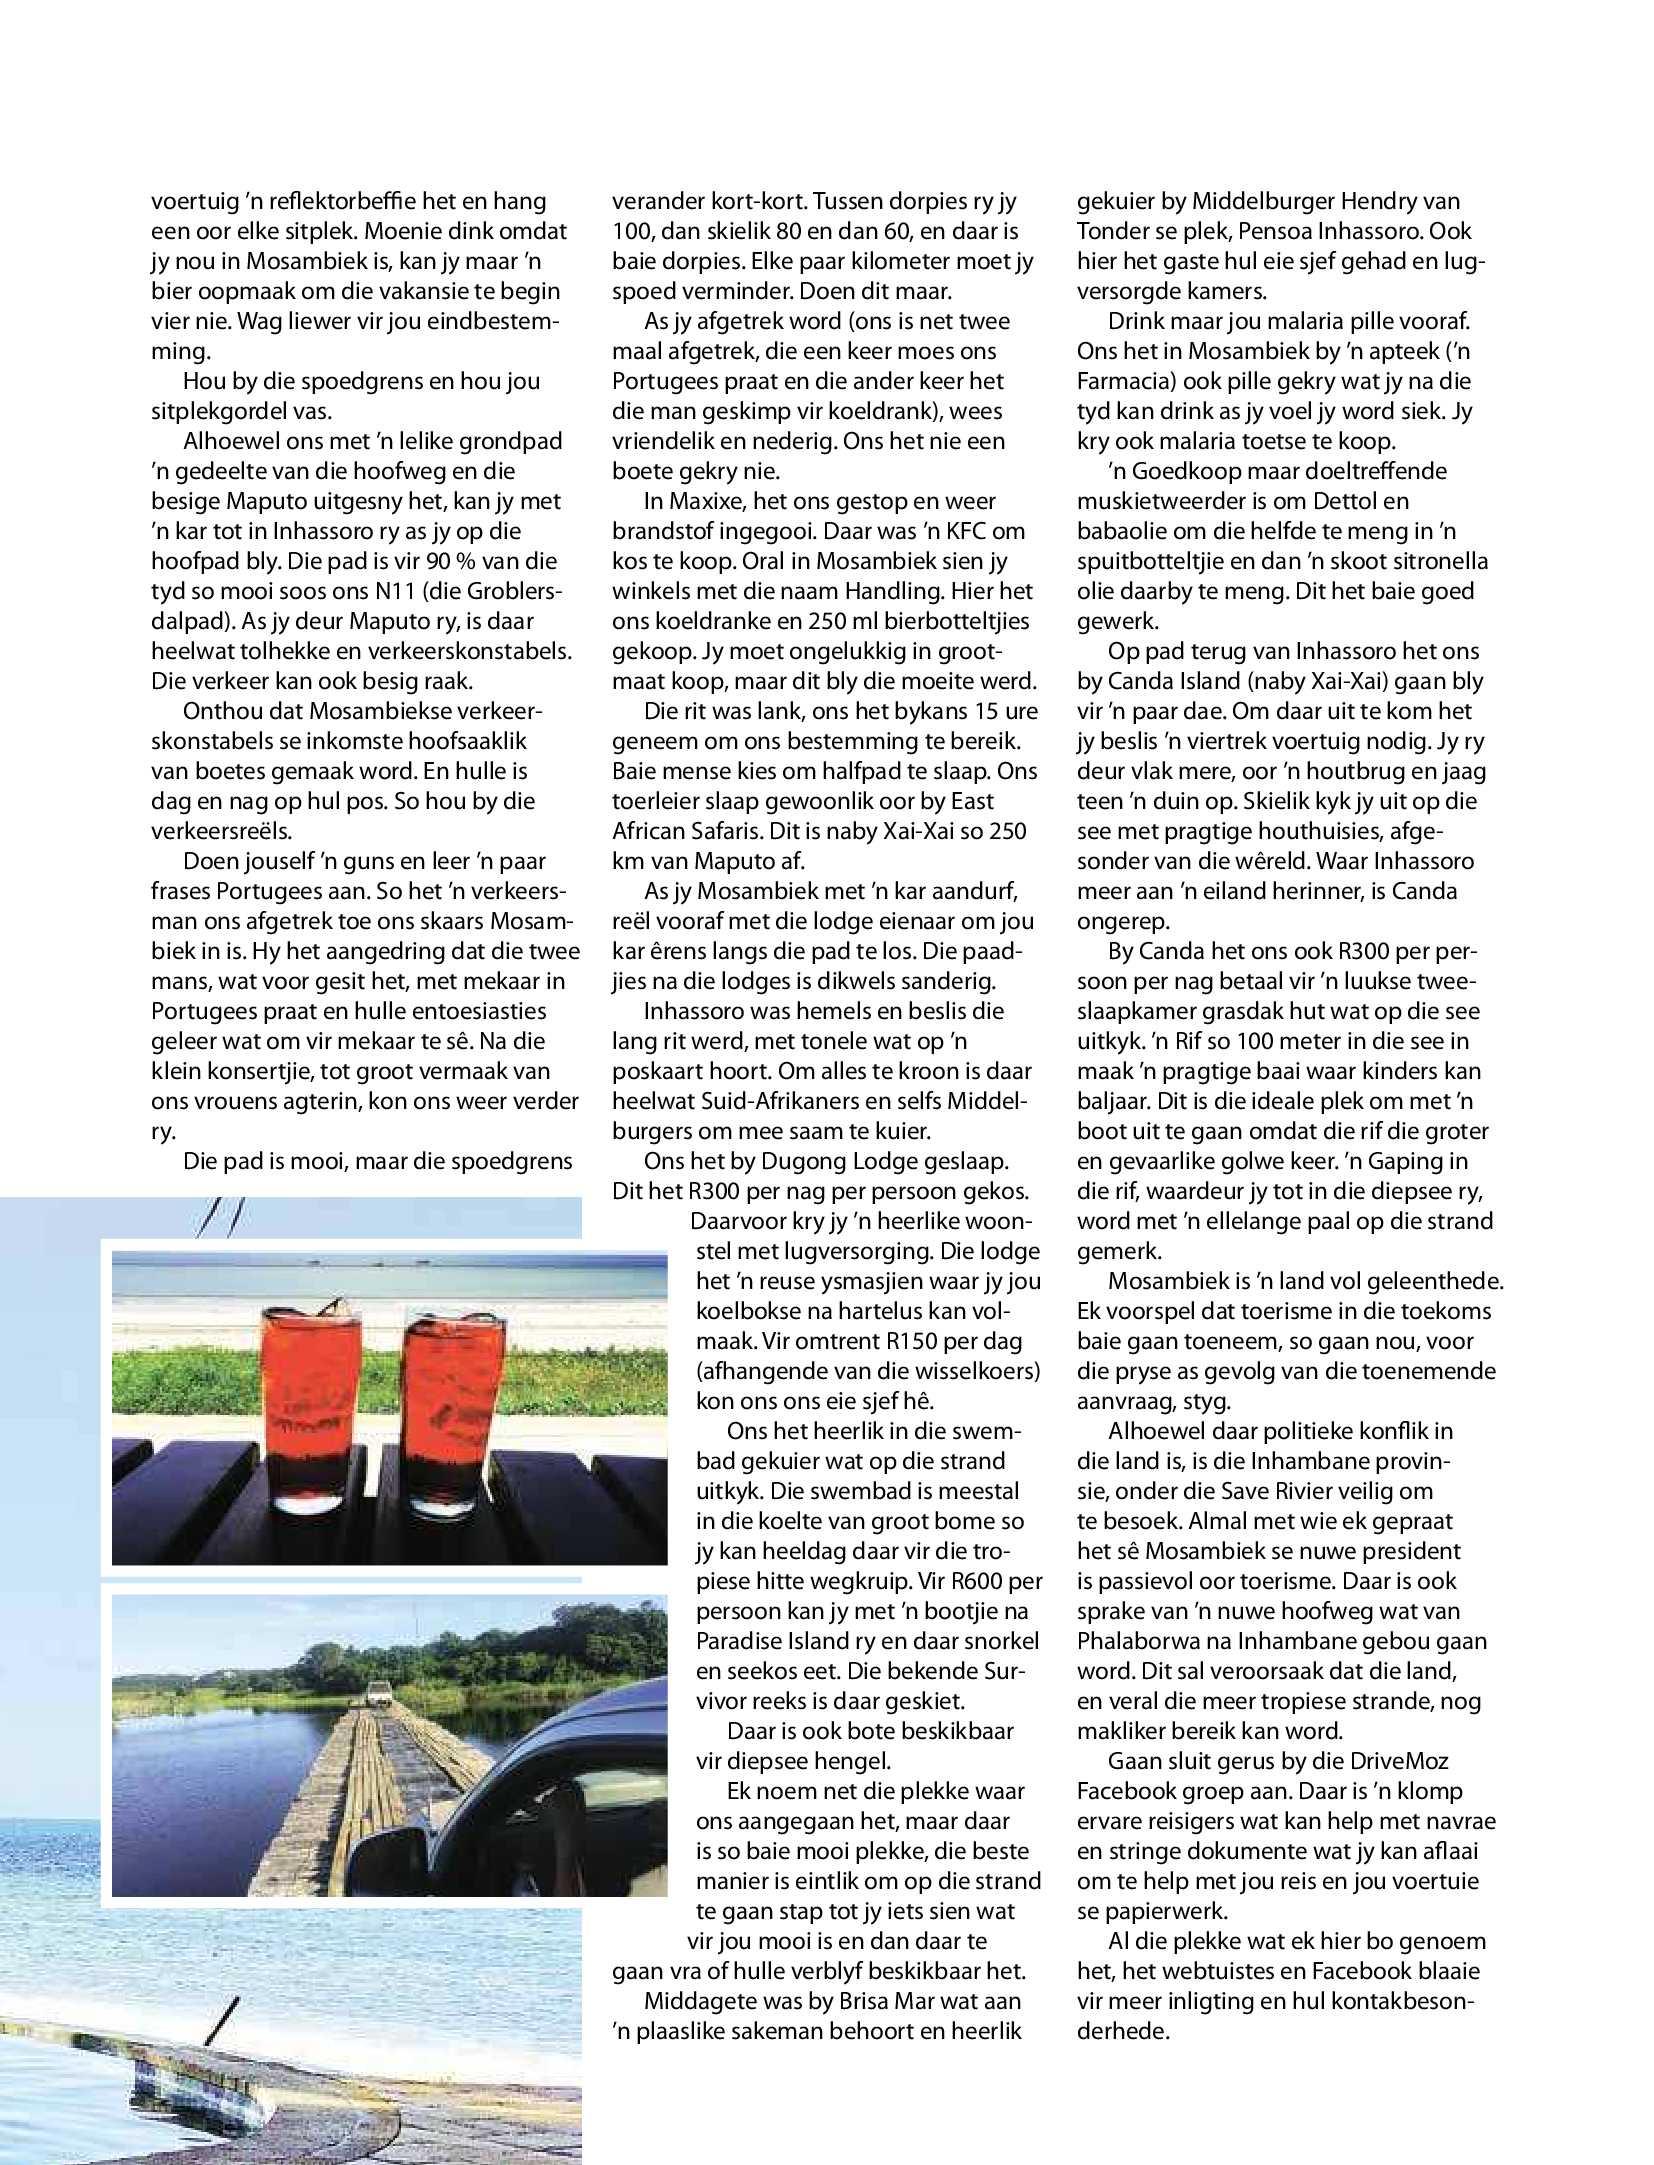 get-middelburg-june-2017-epapers-page-37